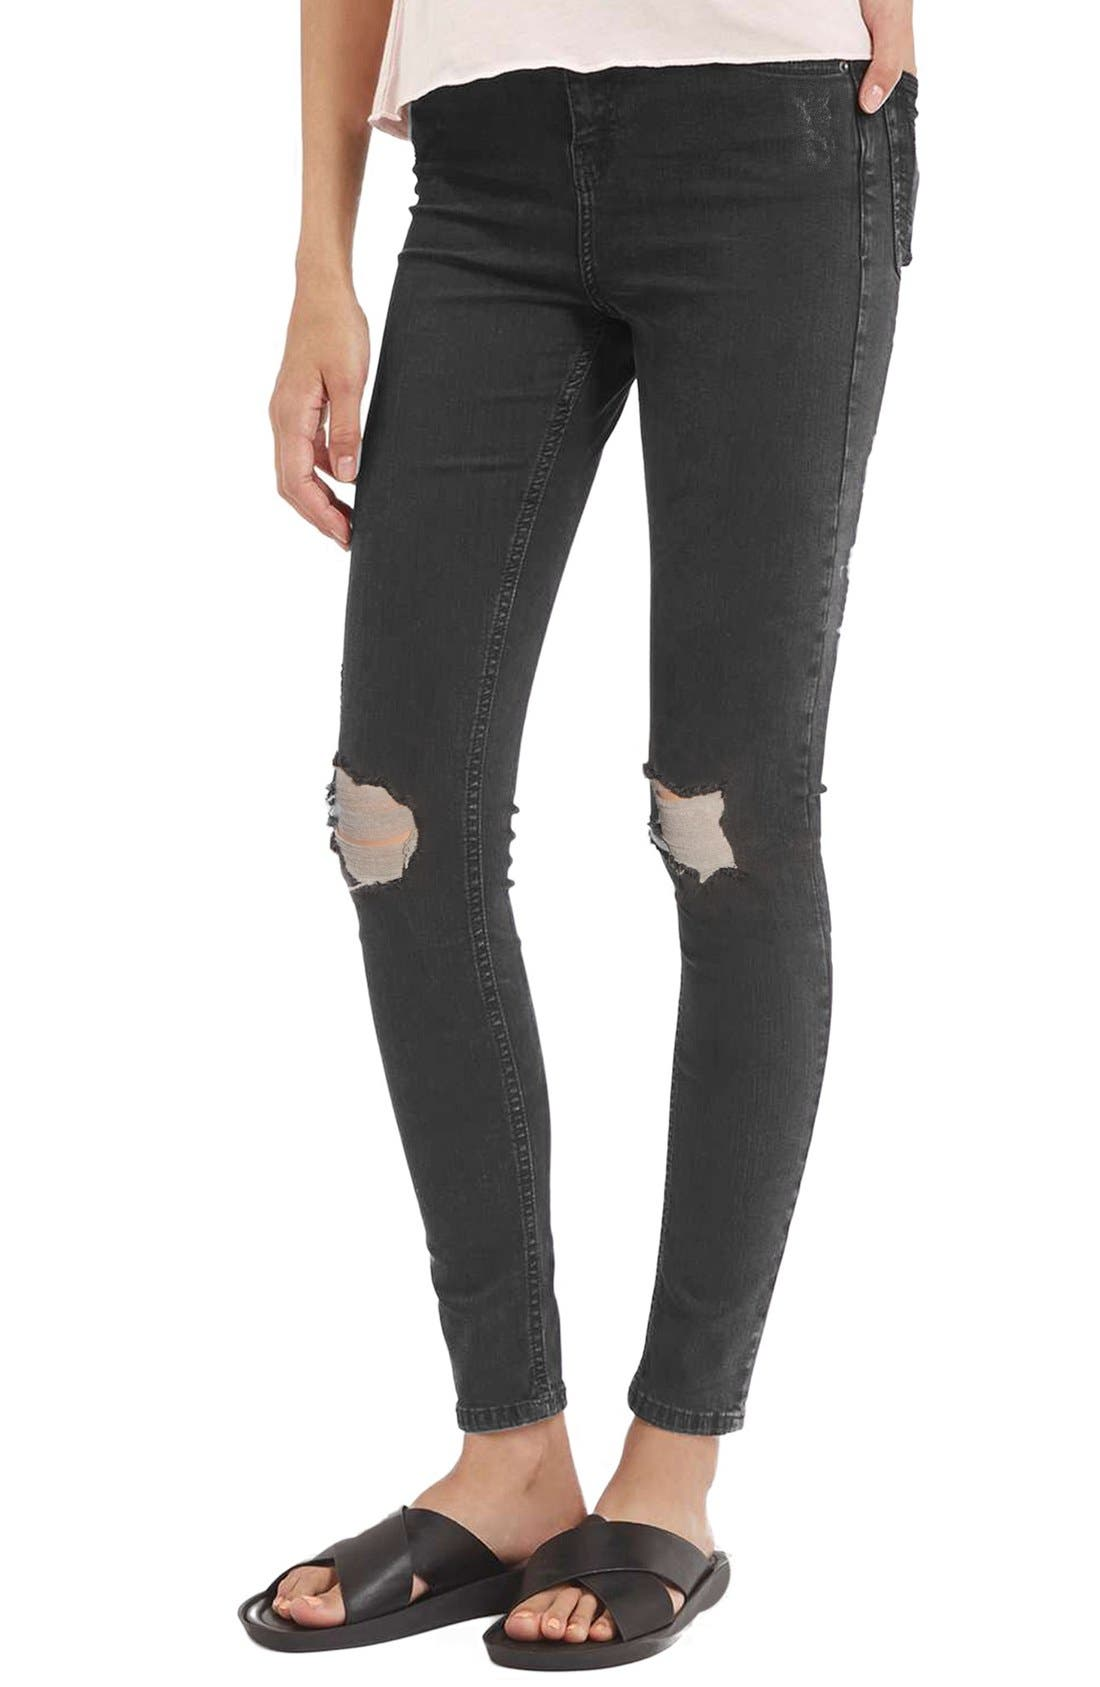 Jamie Shredded High Waist Skinny Jeans,                             Main thumbnail 1, color,                             001